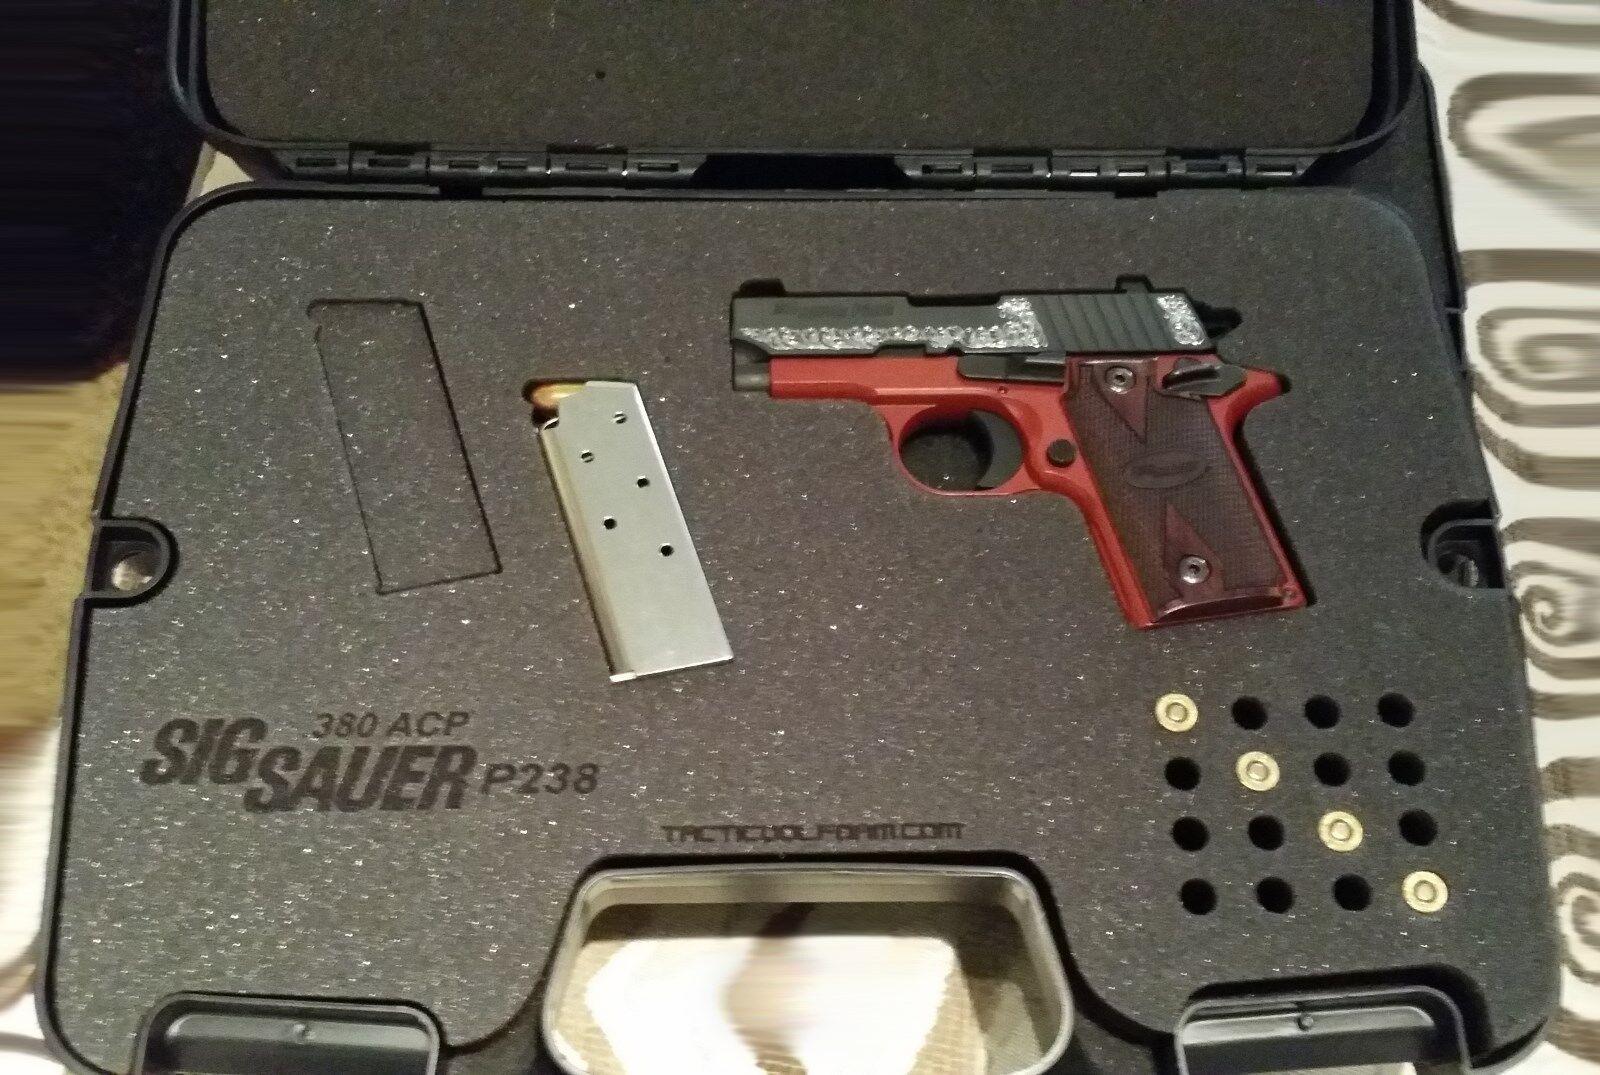 Caso personalizado para Sig Sauer pistola P238 (.380) - Insertos De Corte Láser Ajuste perfecto